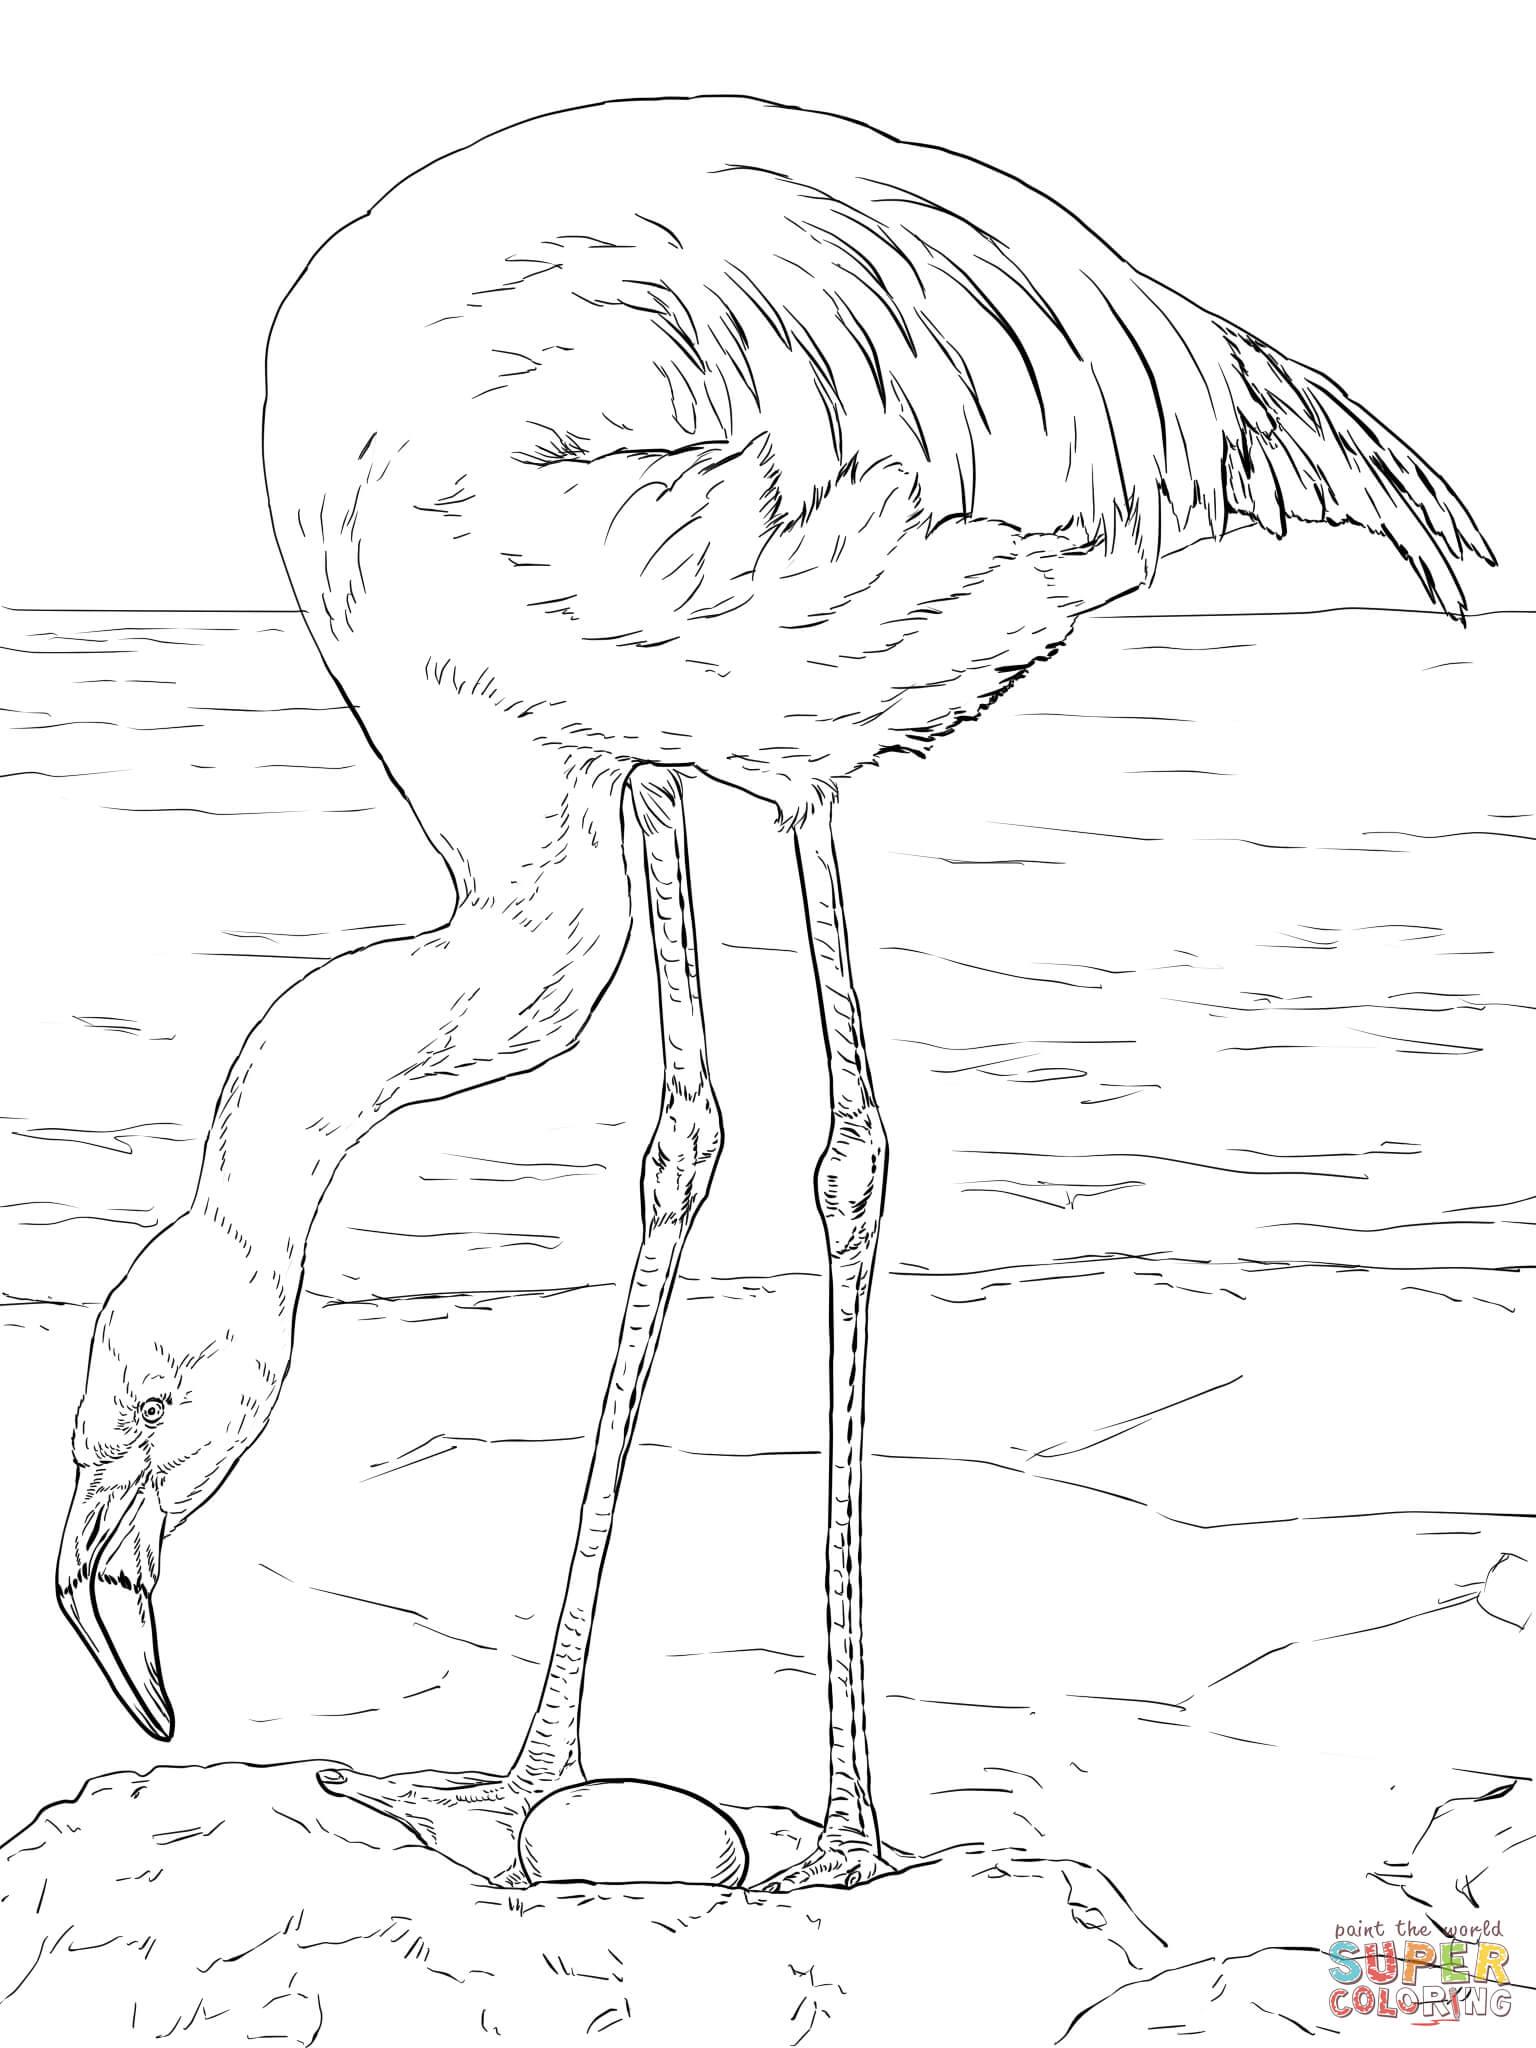 Chilean Flamingo coloring #12, Download drawings